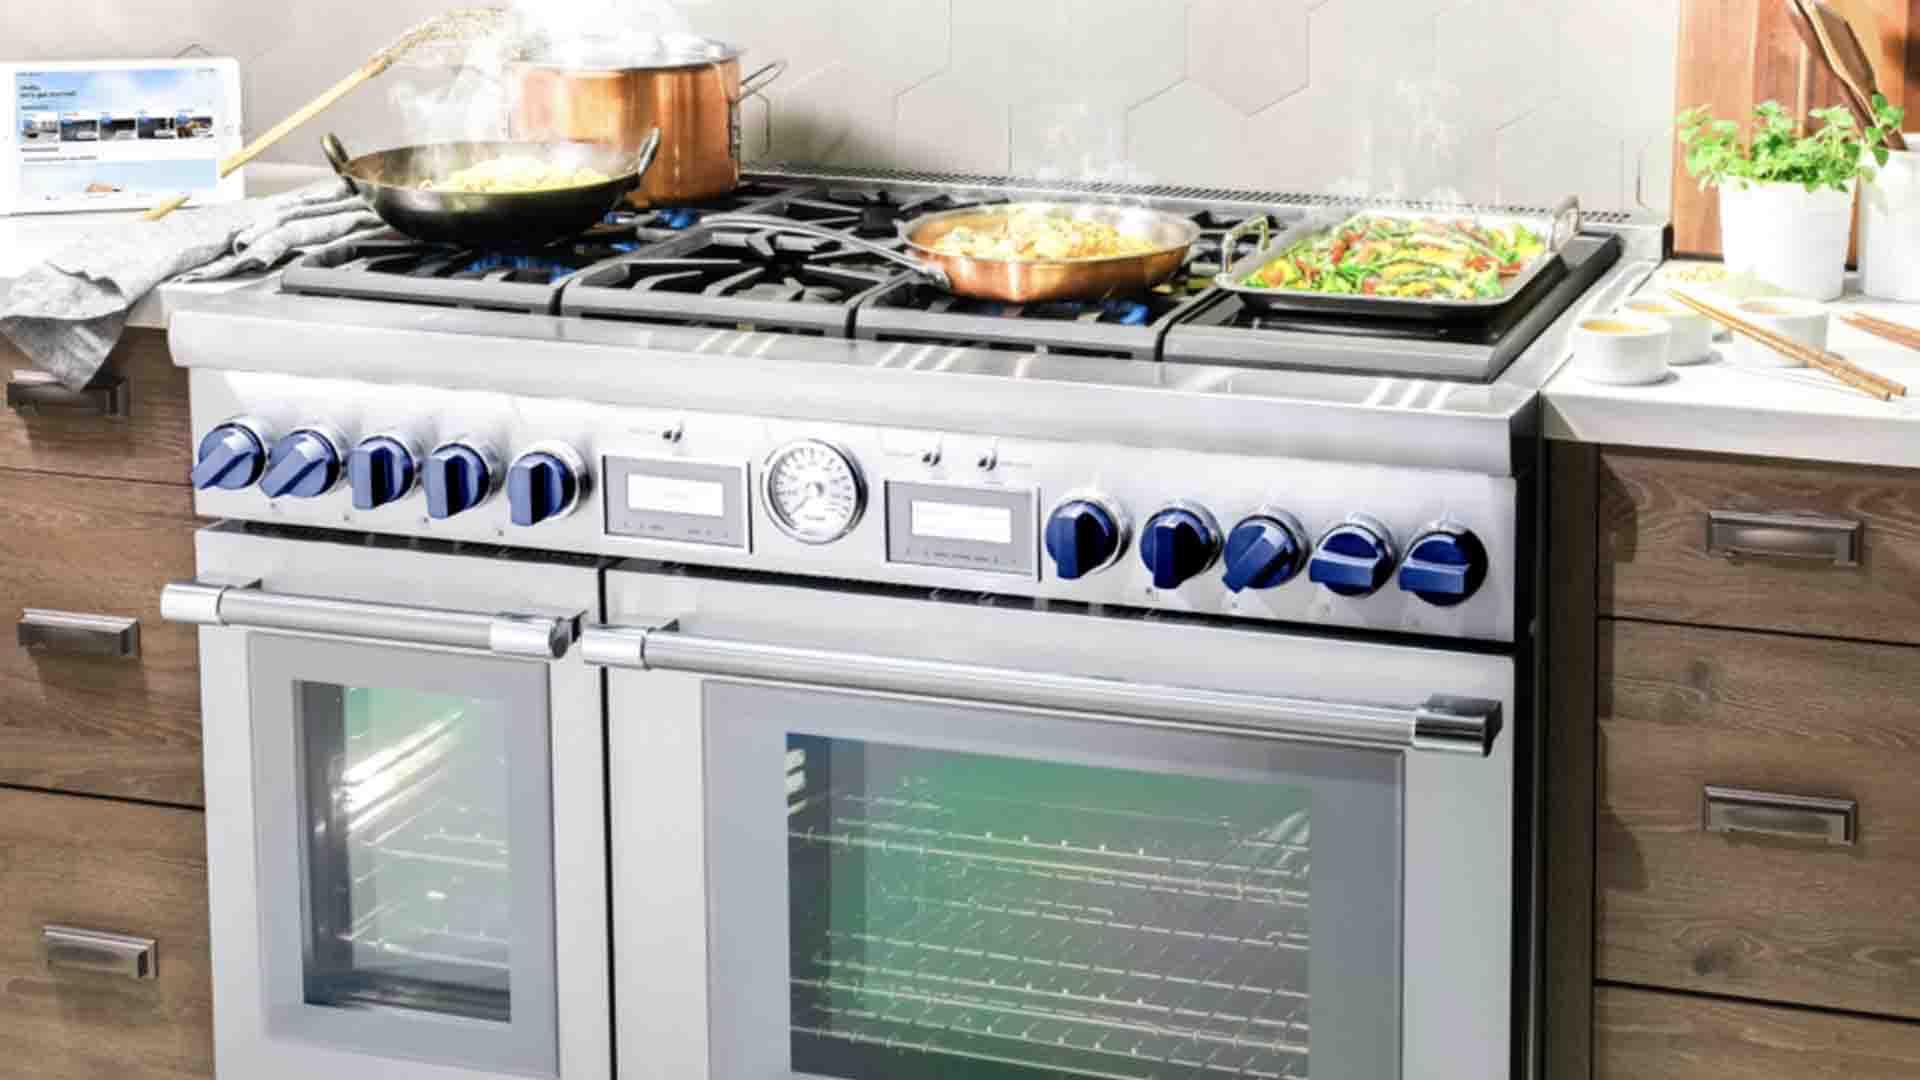 Thermador Range Repair Service   Thermador Appliance Repair Pros